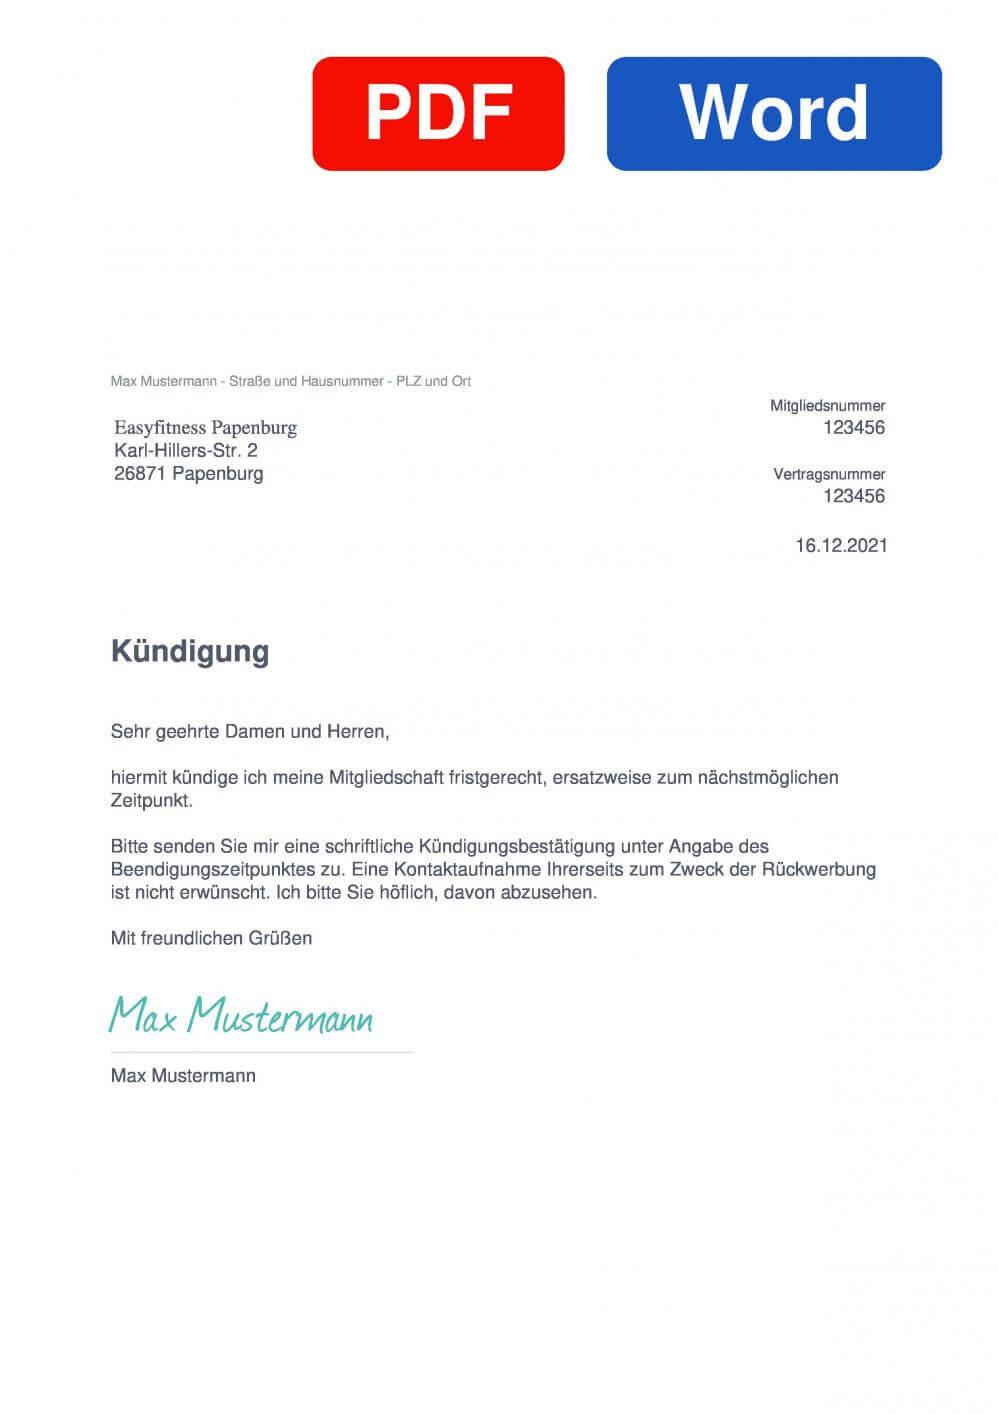 EASYFITNESS Papenburg Muster Vorlage für Kündigungsschreiben